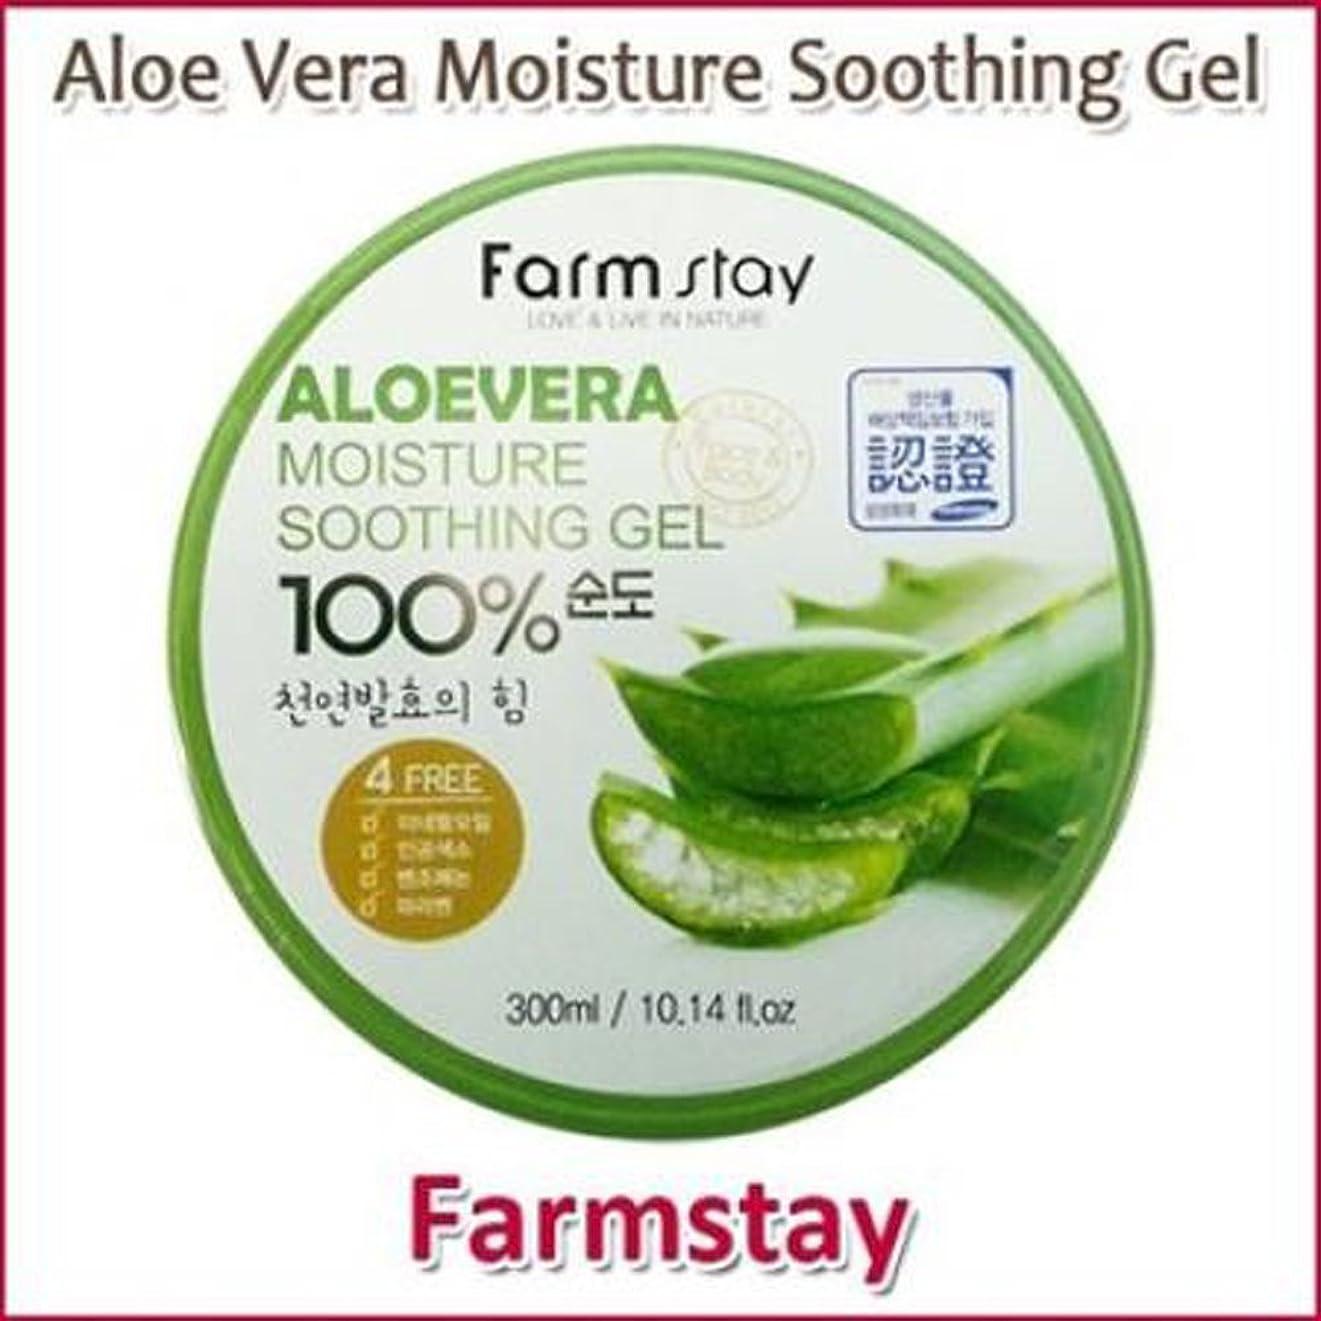 ご予約株式降臨Farm Stay Aloe Vera Moisture Soothing Gel 300ml /オーガニック アロエベラゲル 100%/保湿ケア/韓国コスメ/Aloe Vera 100% /Moisturizing [並行輸入品]